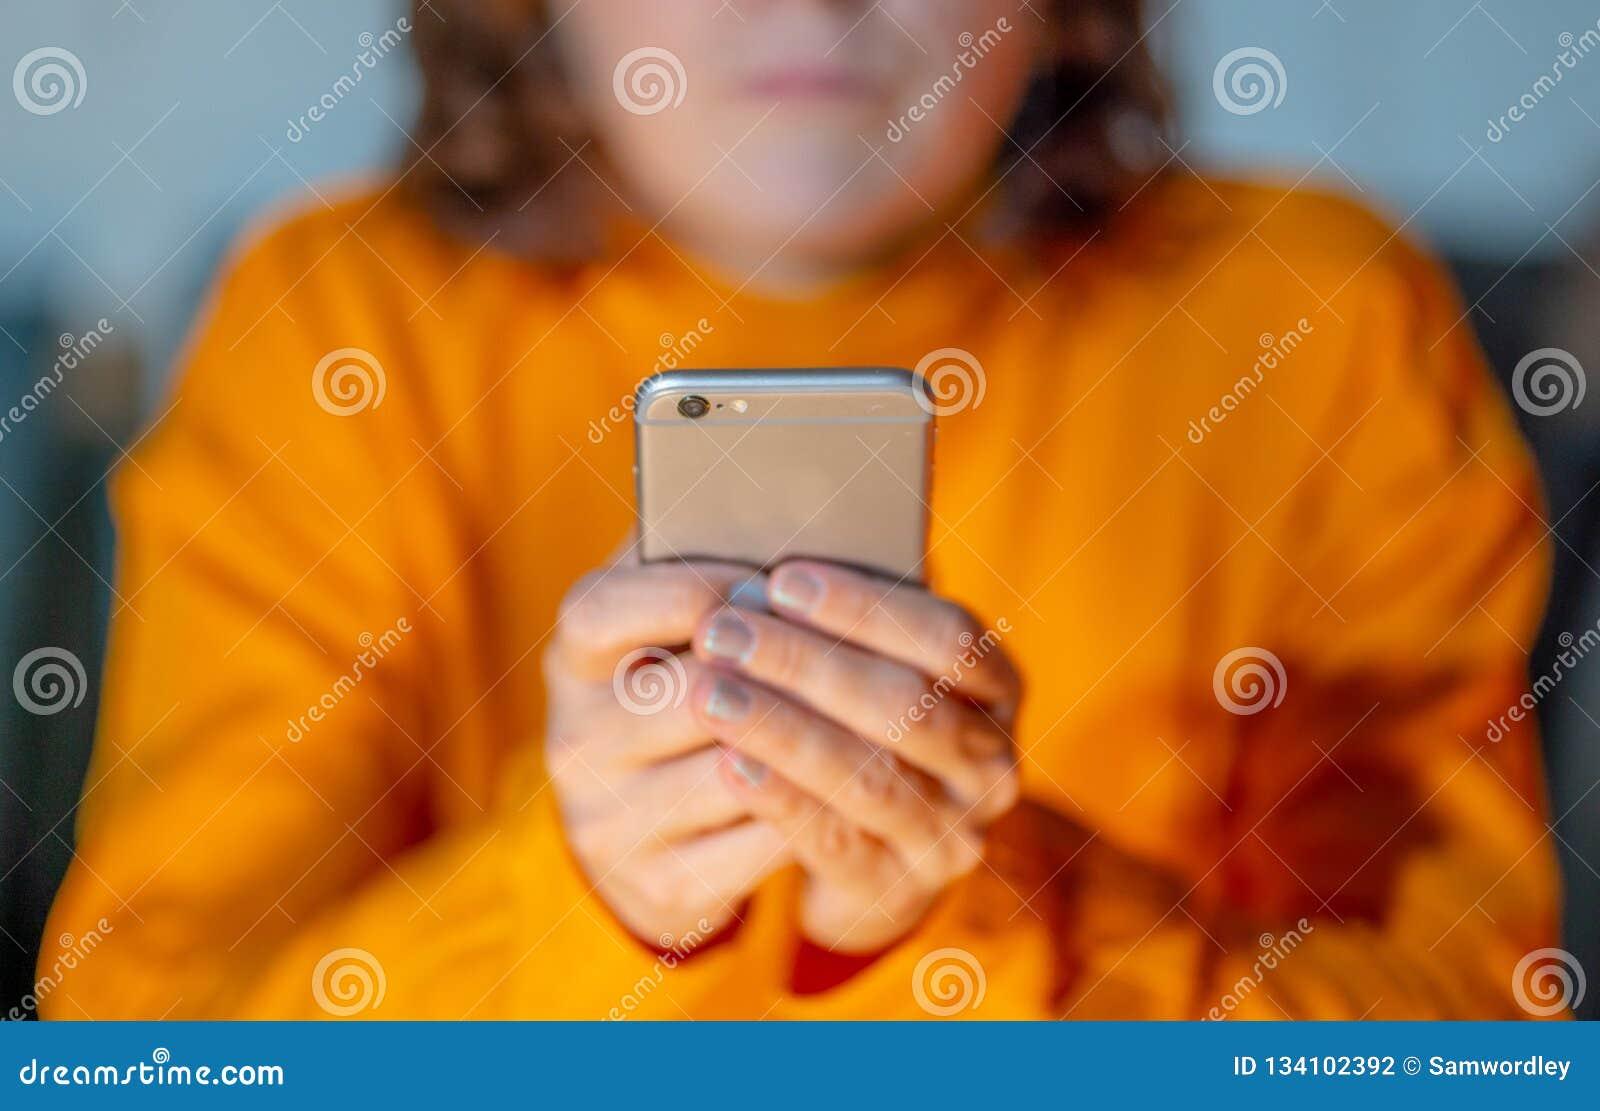 使用在电话瘾和流动赌博概念的智能手机关闭年轻女人手